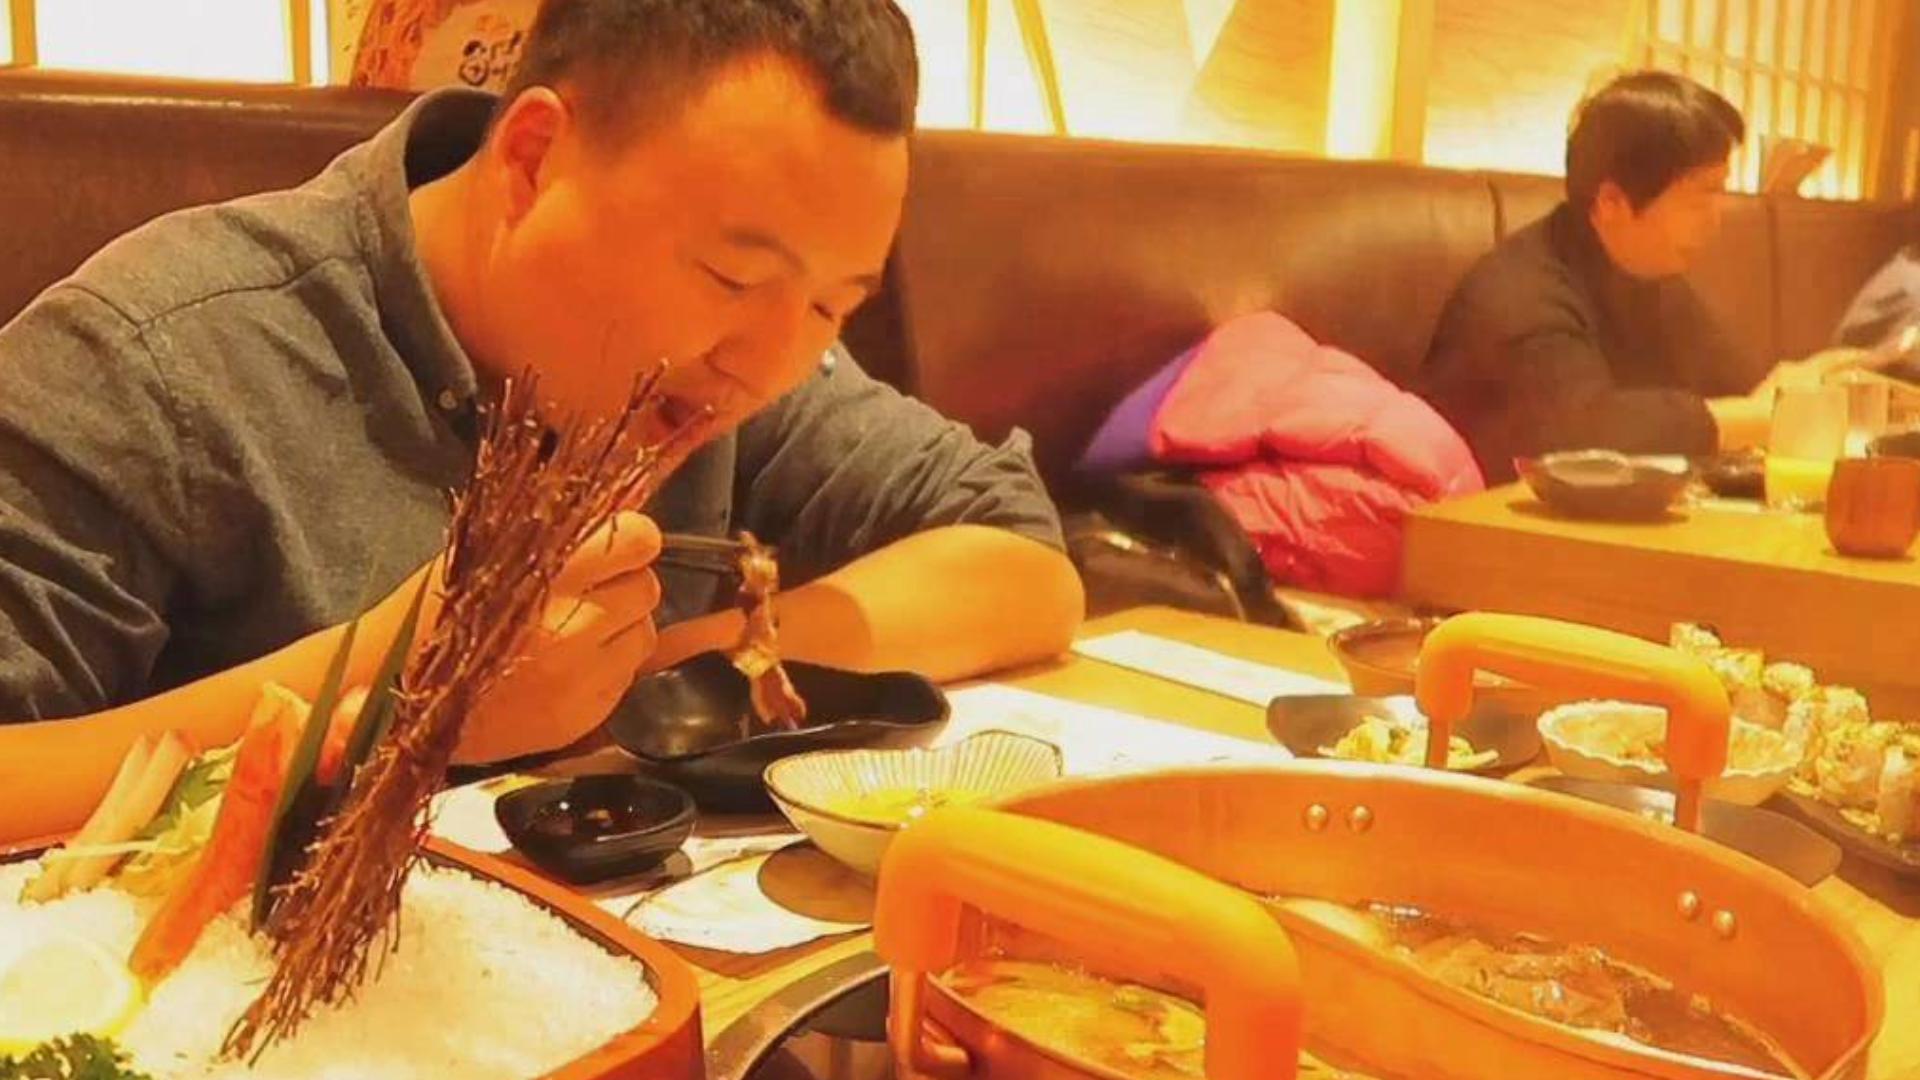 朋友请阿强清河第一的寿喜锅自助,俩人一顿狂吃、老板眼都直了